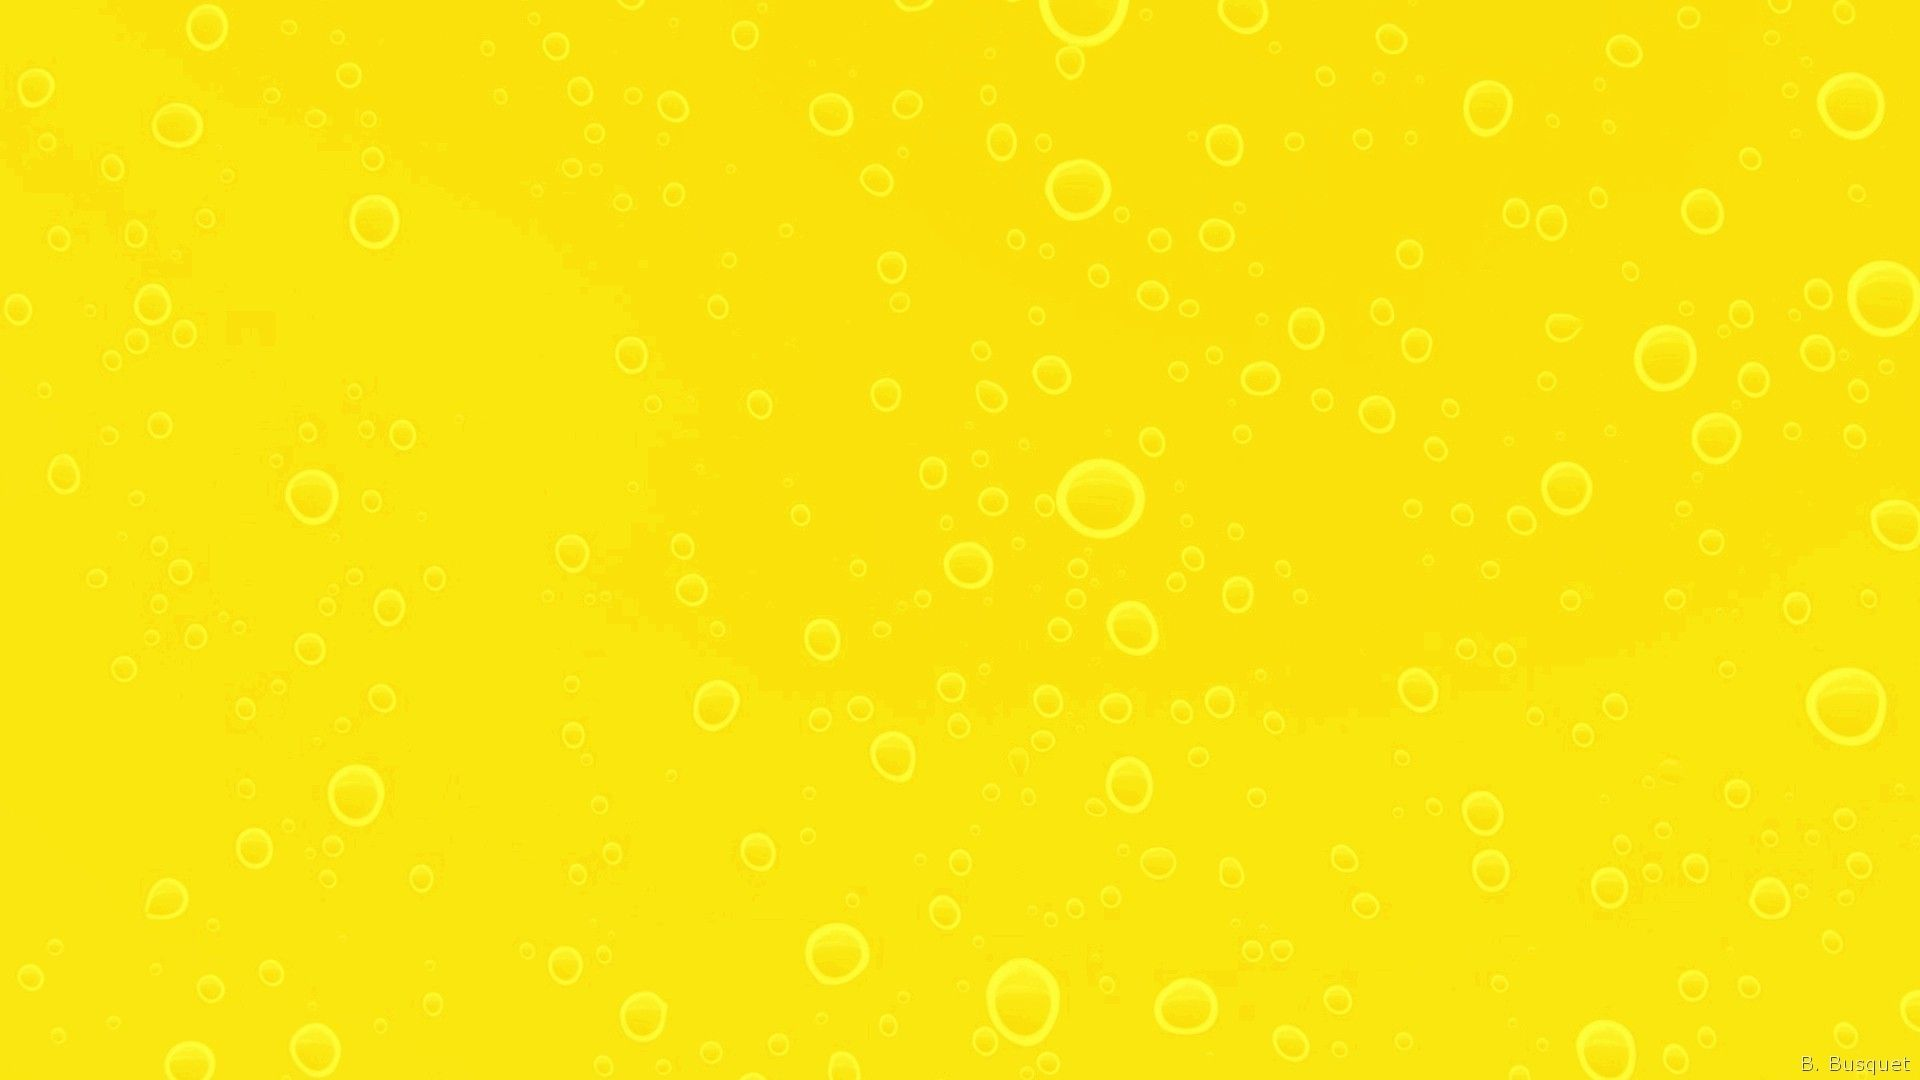 1920x1080 Hình nền màu vàng.  Barbaras HD hình nền